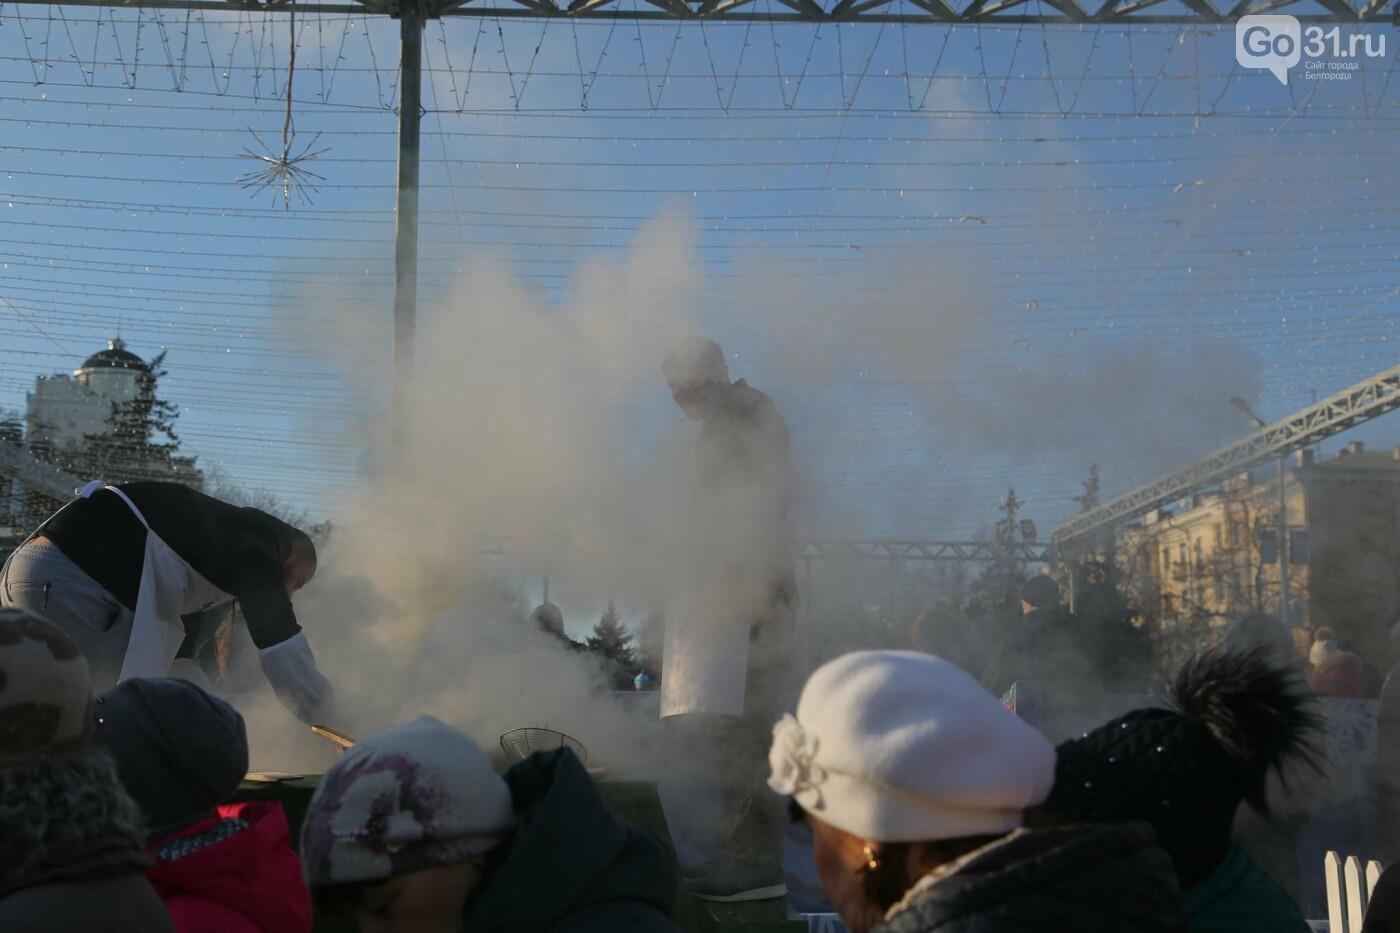 Дегустация, гастрономический парад, спецтроллейбус. В Белгороде прошёл фестиваль вареников, фото-18